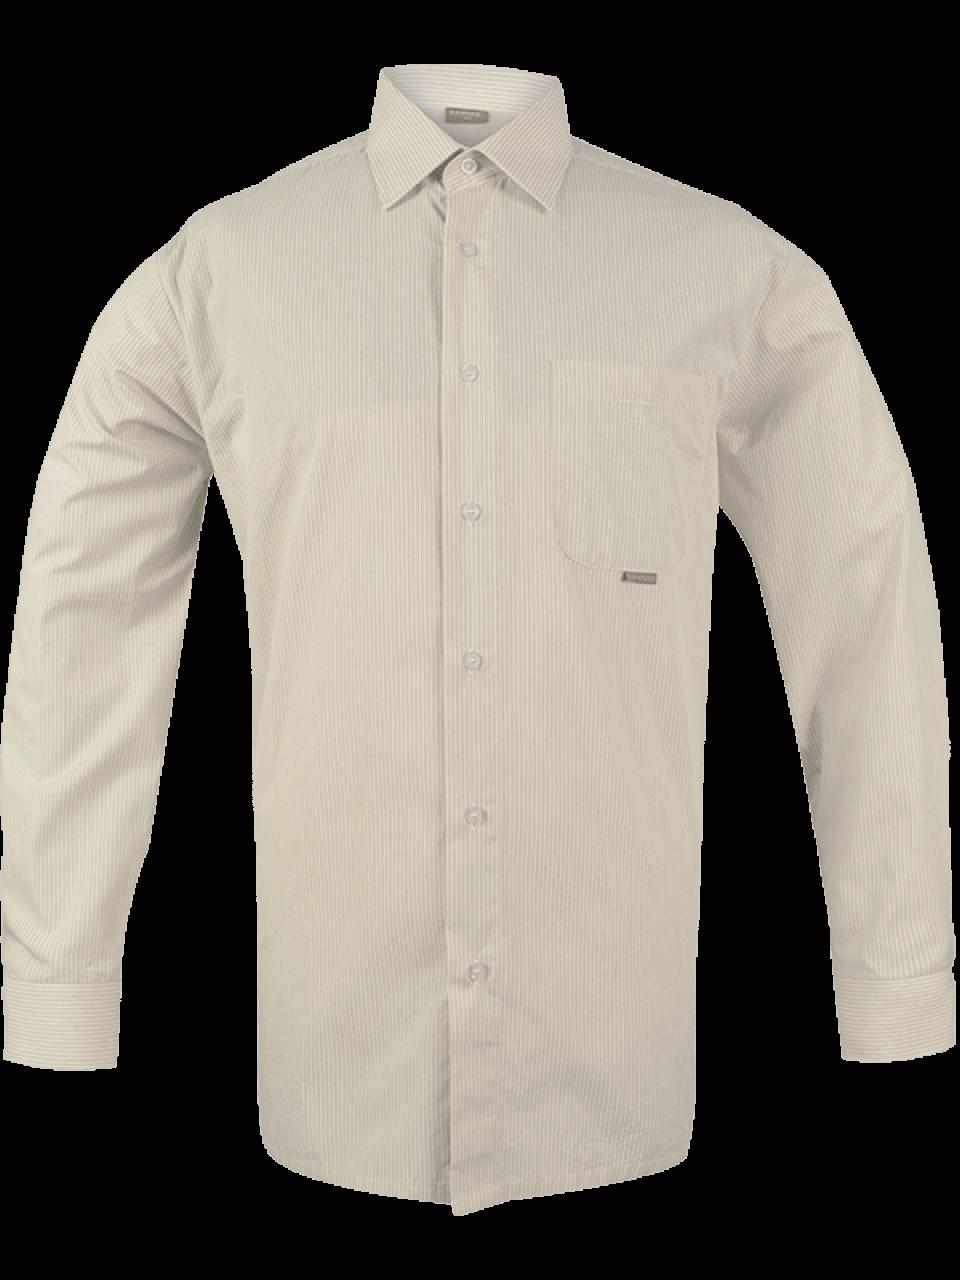 košeľa Losan DR 1